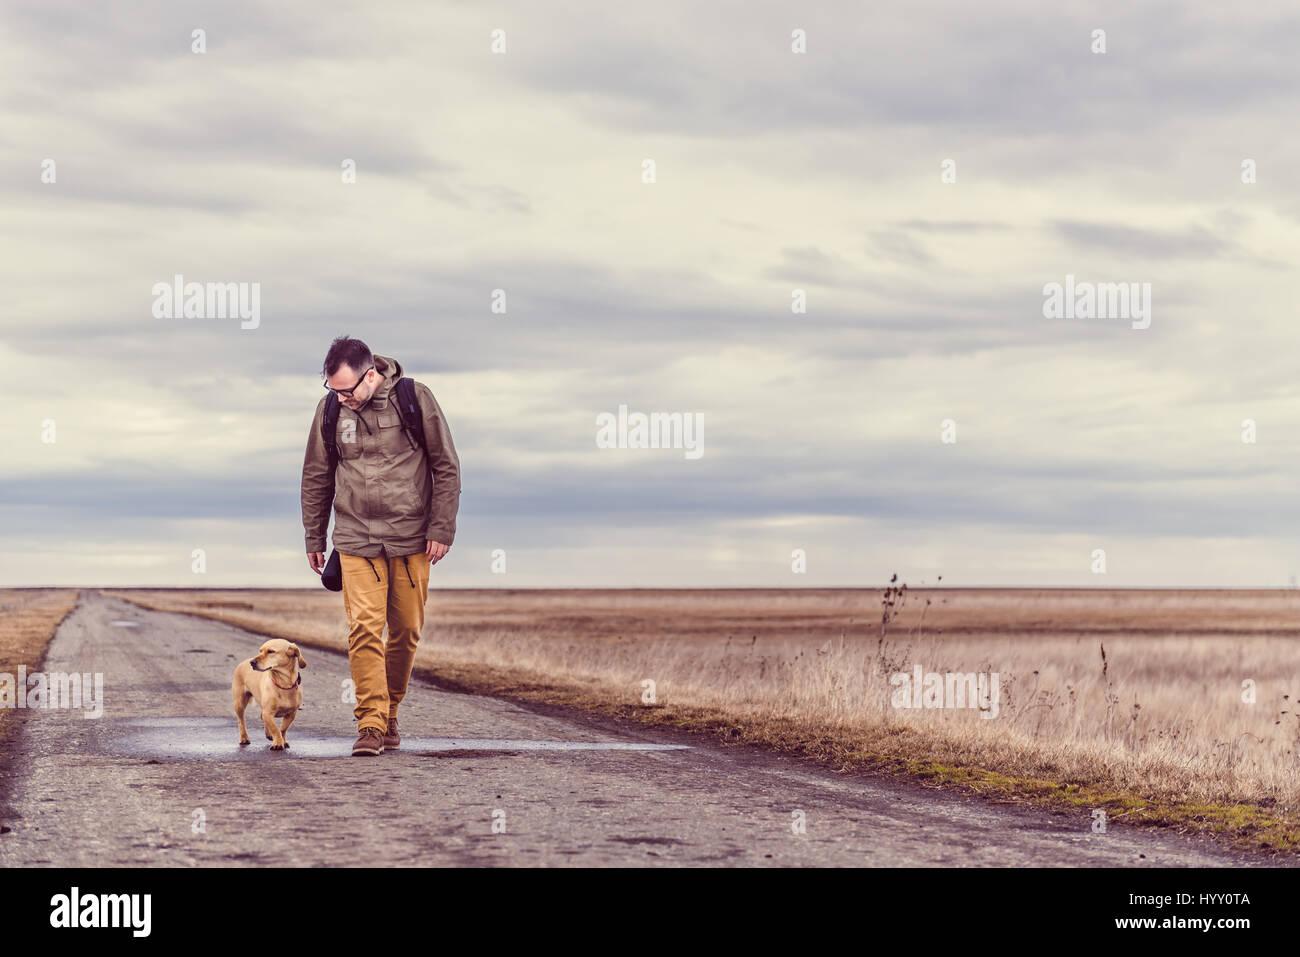 Randonneur et promener le chien sur une route sur un jour nuageux Photo Stock